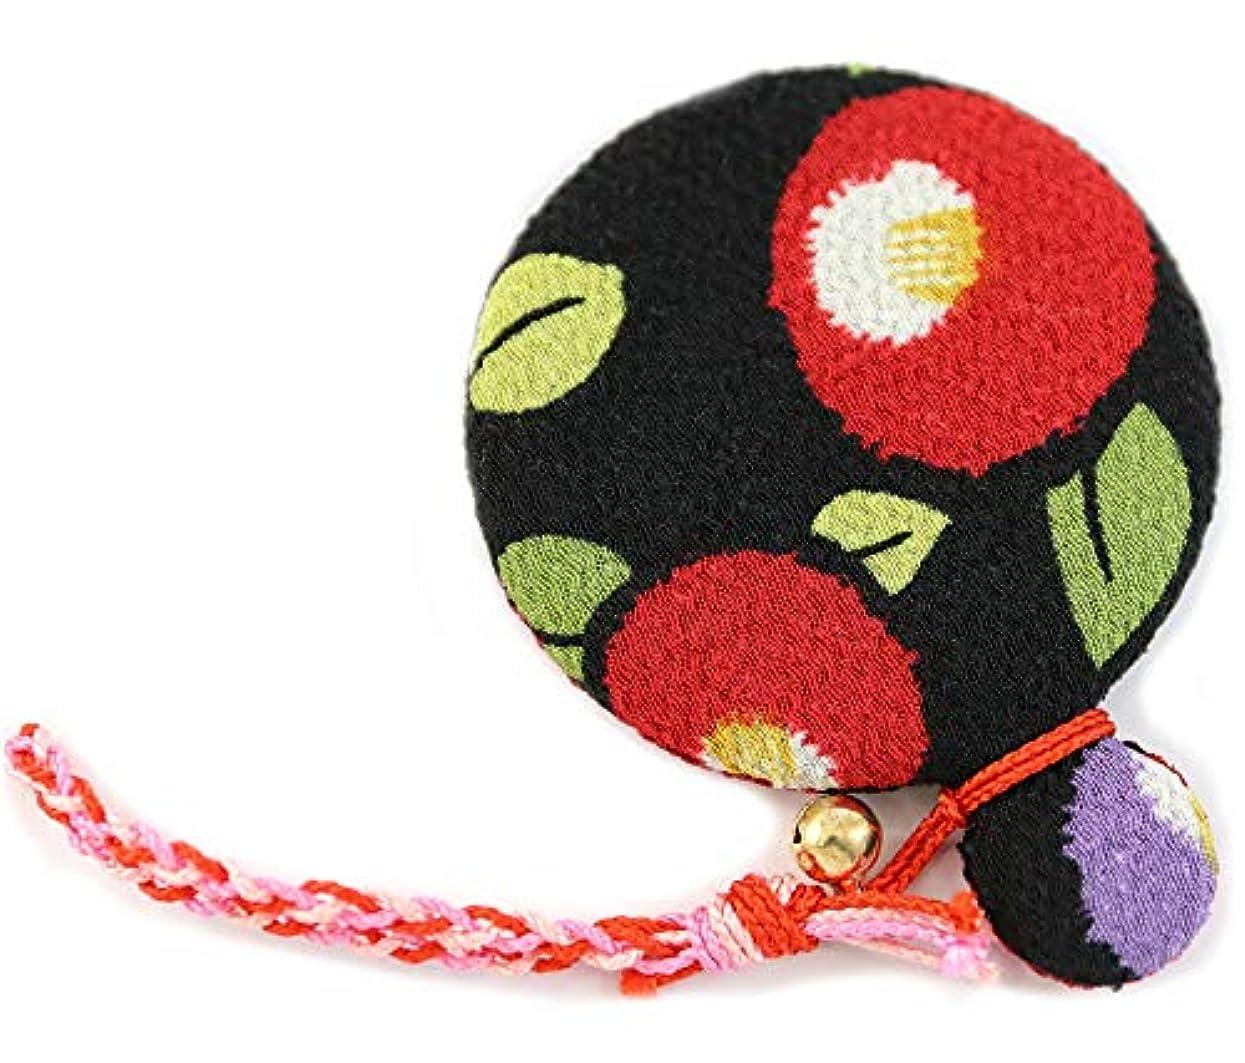 復活するまとめる食物ZOON(ズーン) 花ちりめん コンパクトミラー 黒椿 和柄 着物 ちりめん 生地 布製 まる鏡 日本製 お土産 黒椿